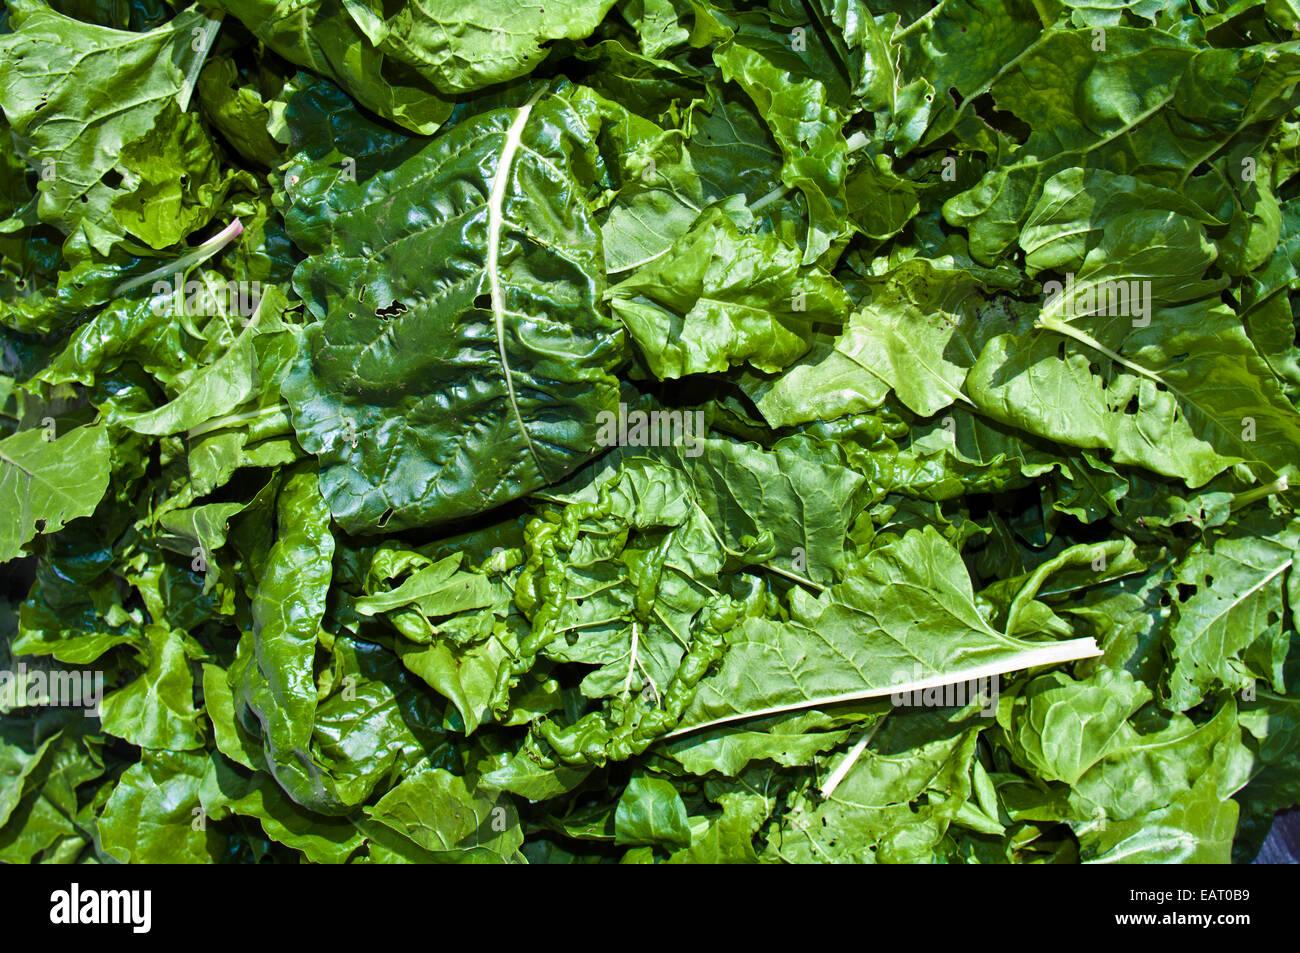 Un monticule de vert biologique fraîchement récolté les feuilles d'épinards. Photo Stock